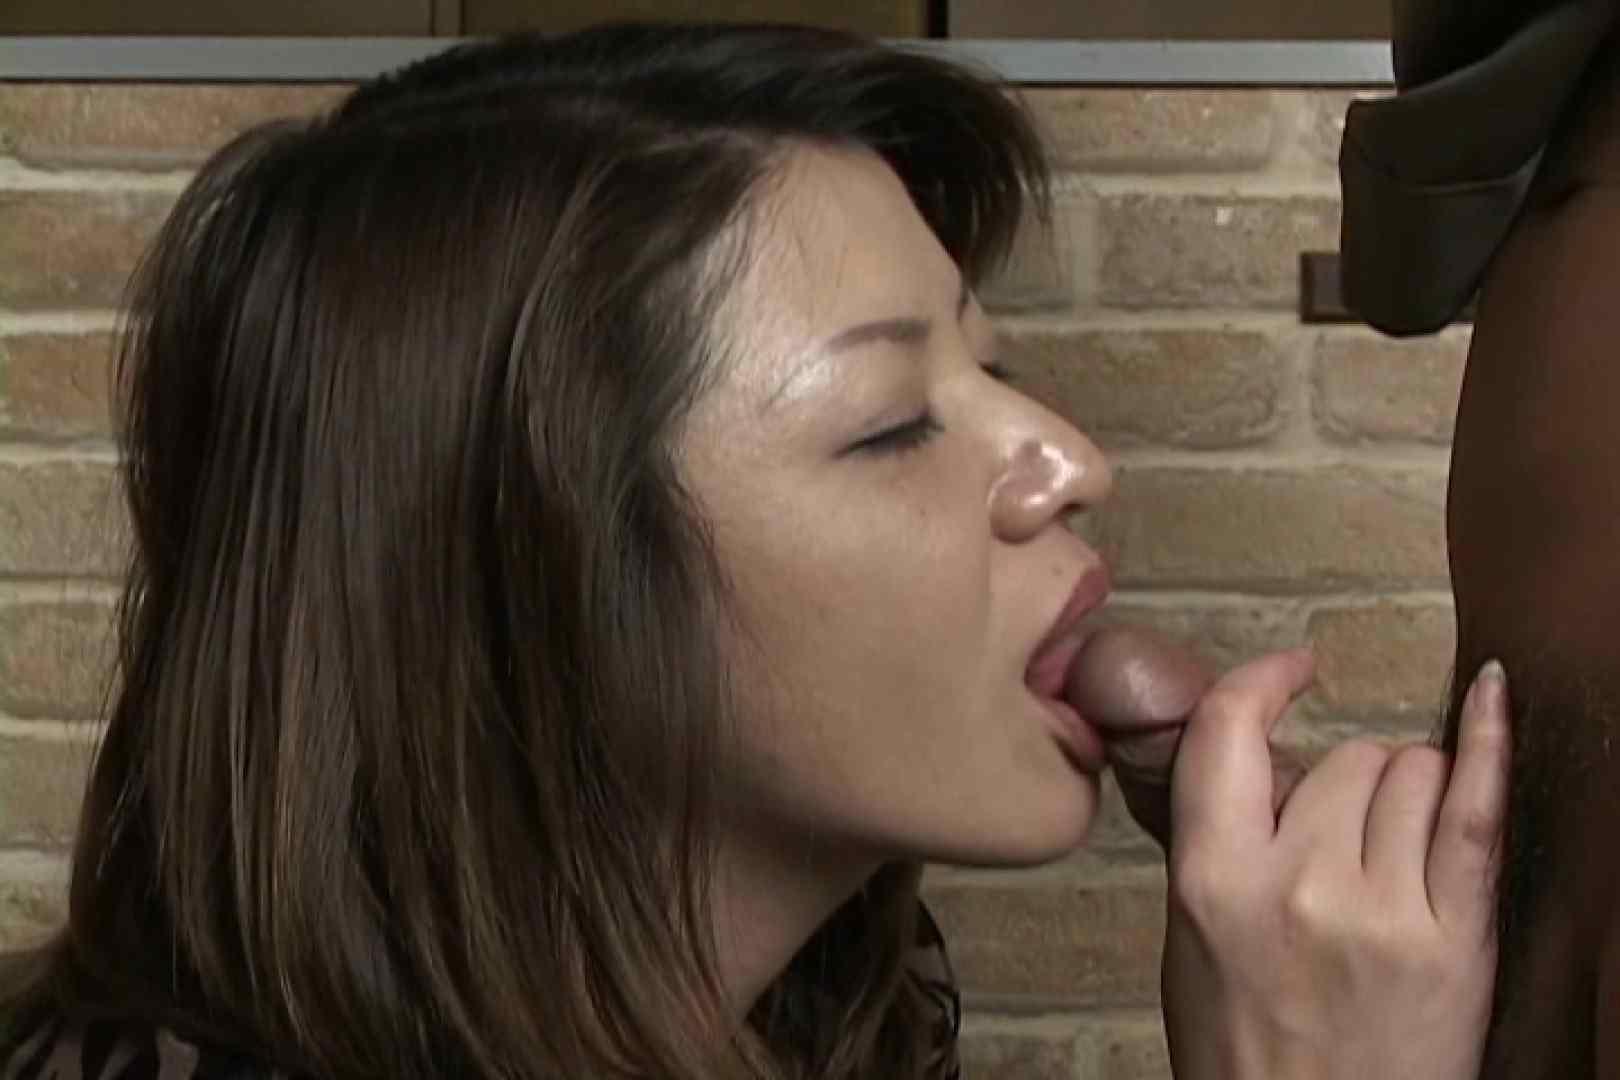 昼間の奥様は欲求不満 ~立花由美~ 丸出しマンコ 性交動画流出 39連発 3